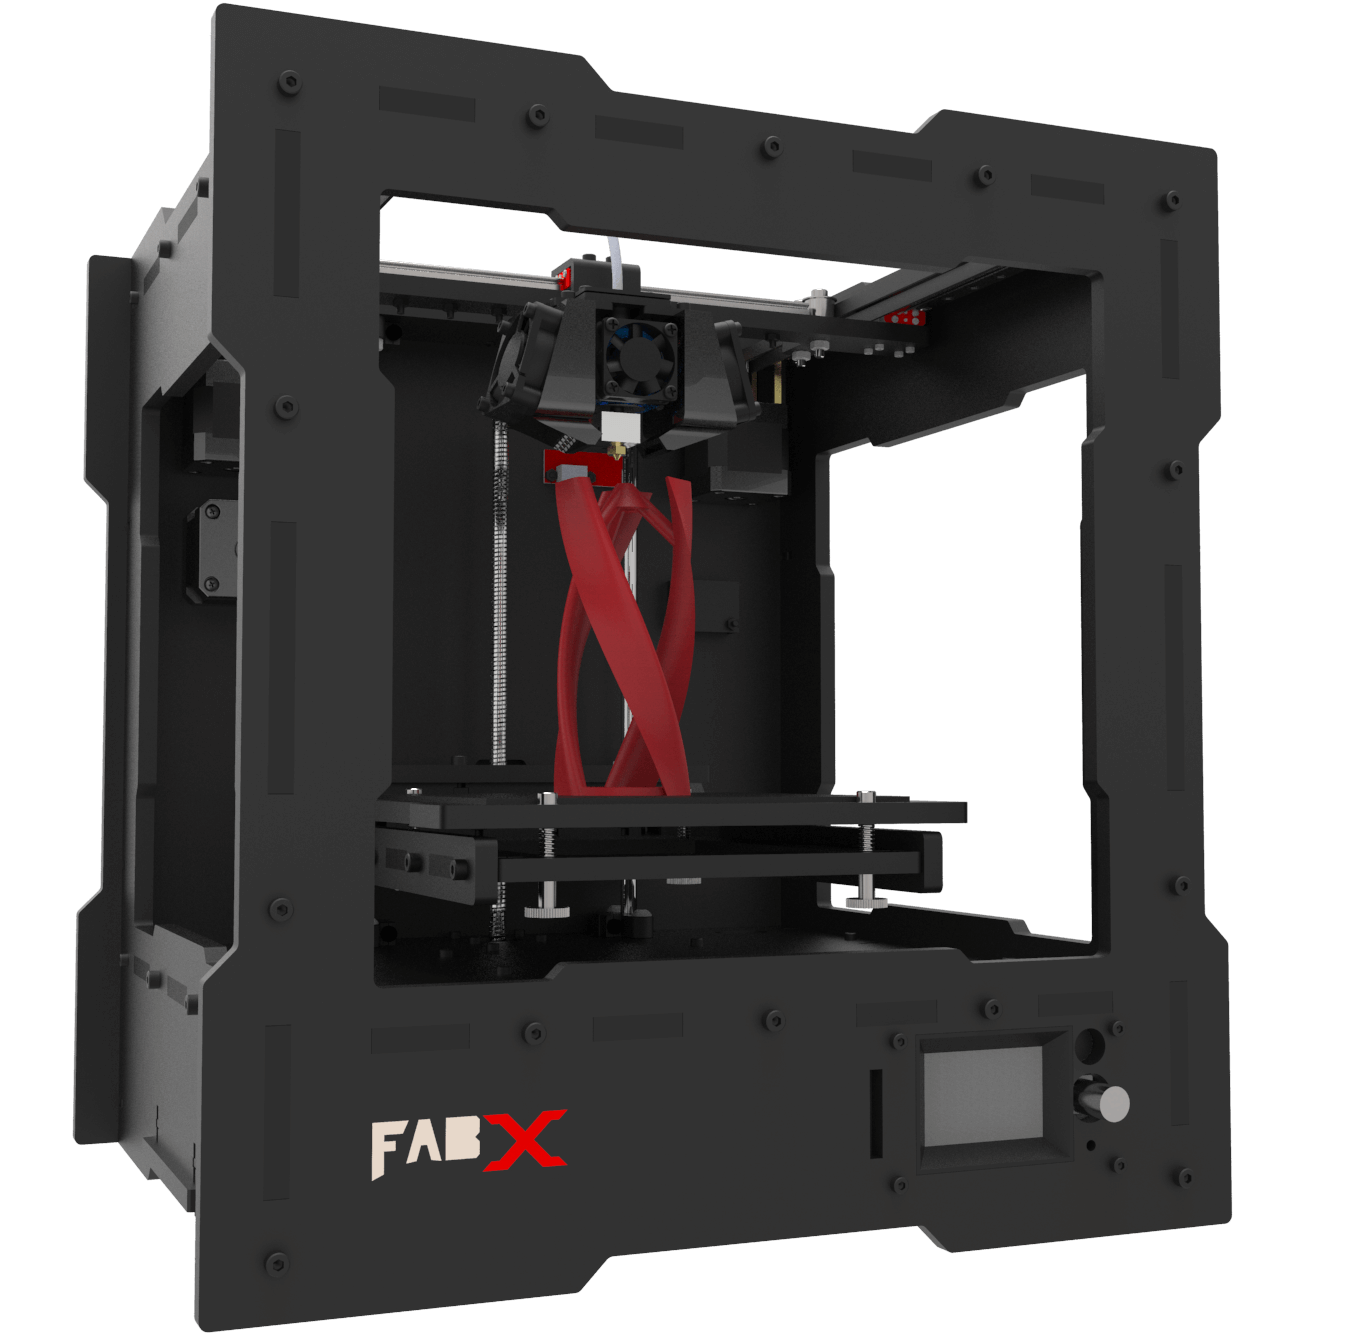 FabX Plus 3Ding - 3D printers